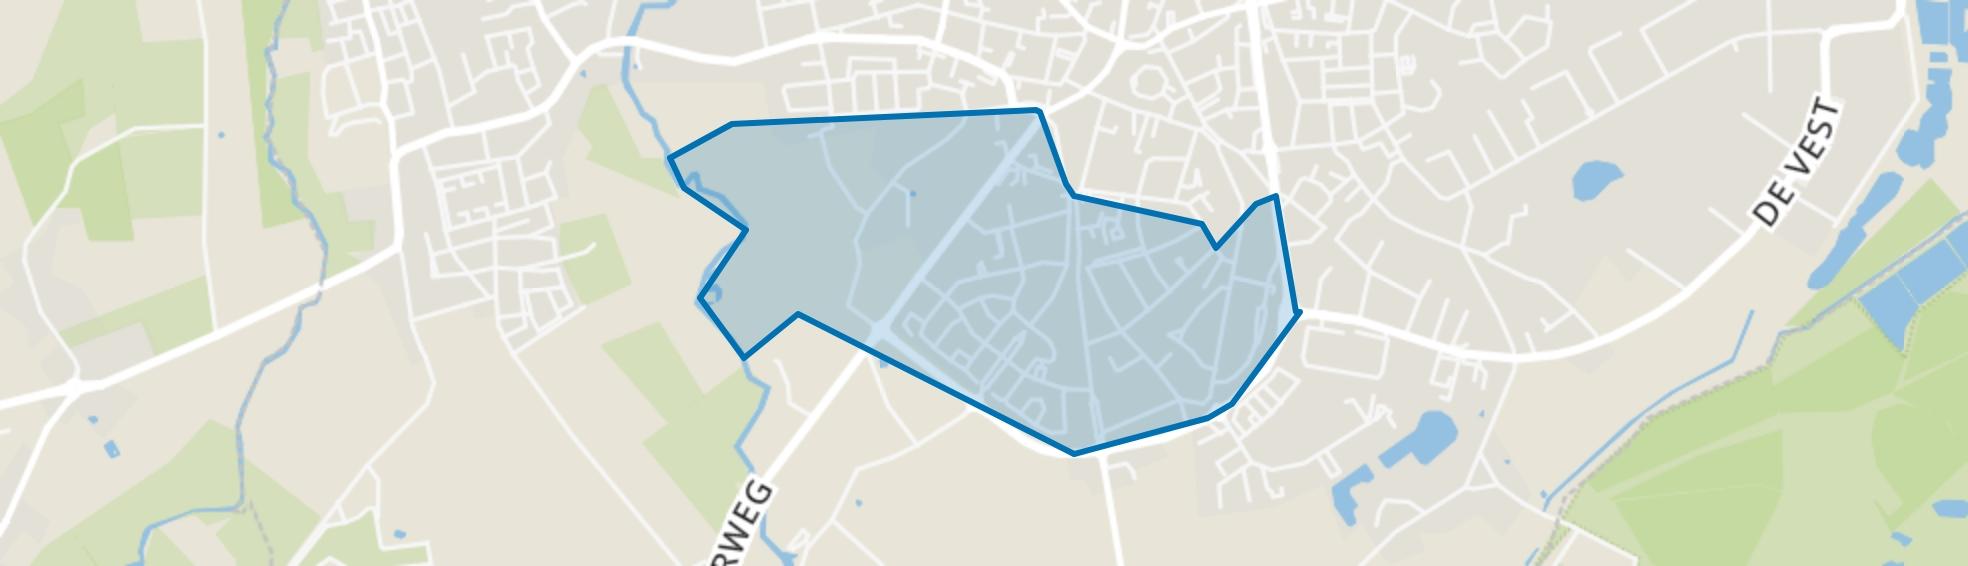 Hoge Akkers, Valkenswaard map